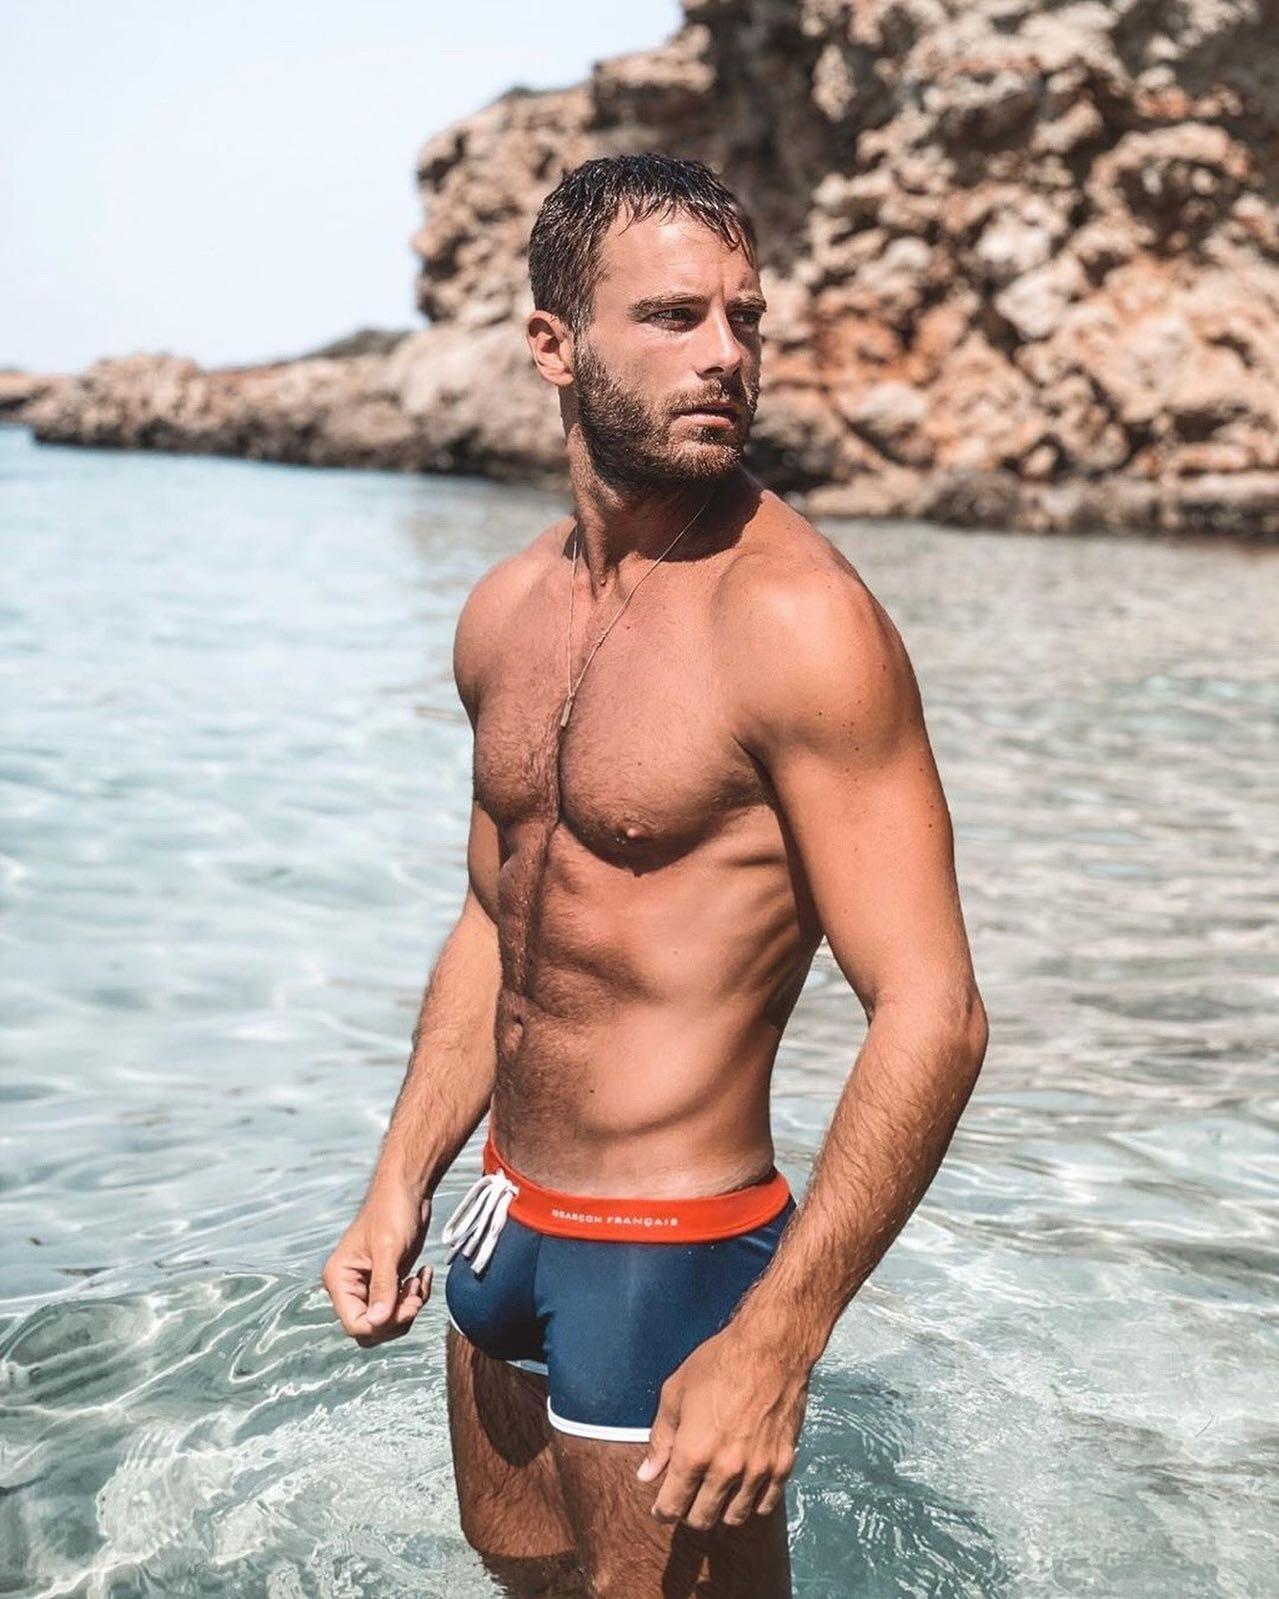 #men #wet #hunks #swimsuit #muscle #abs #beachboy #hotmen #hotboys #trunks